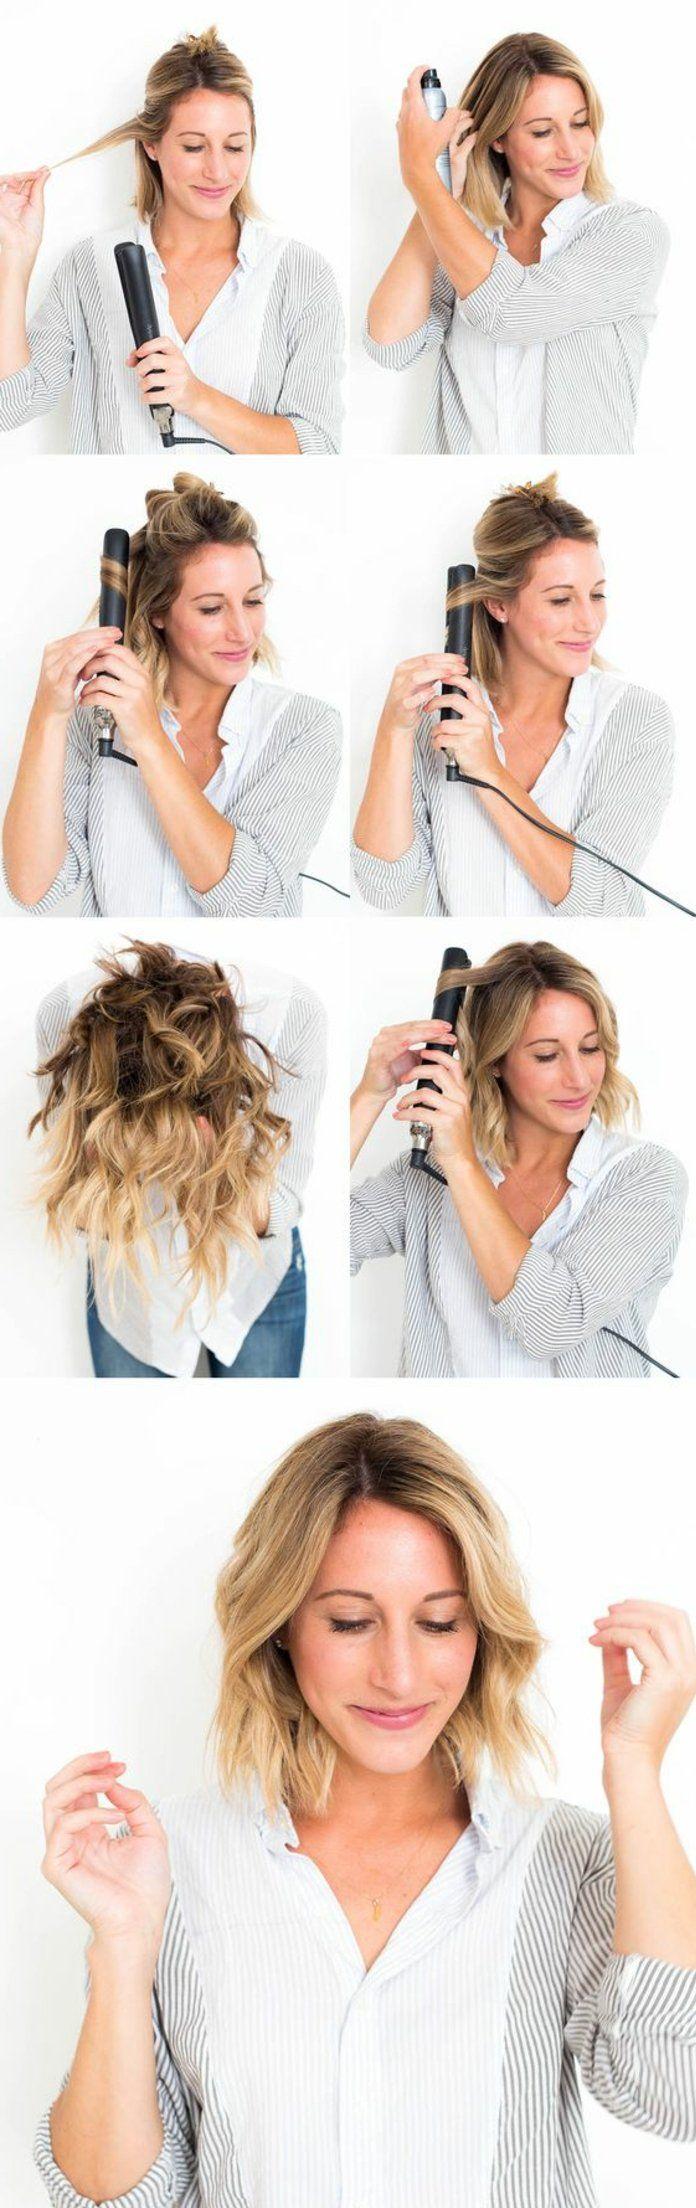 boucler ses cheveux avec un lisseur, chemise blanche, cheveux blonds courts